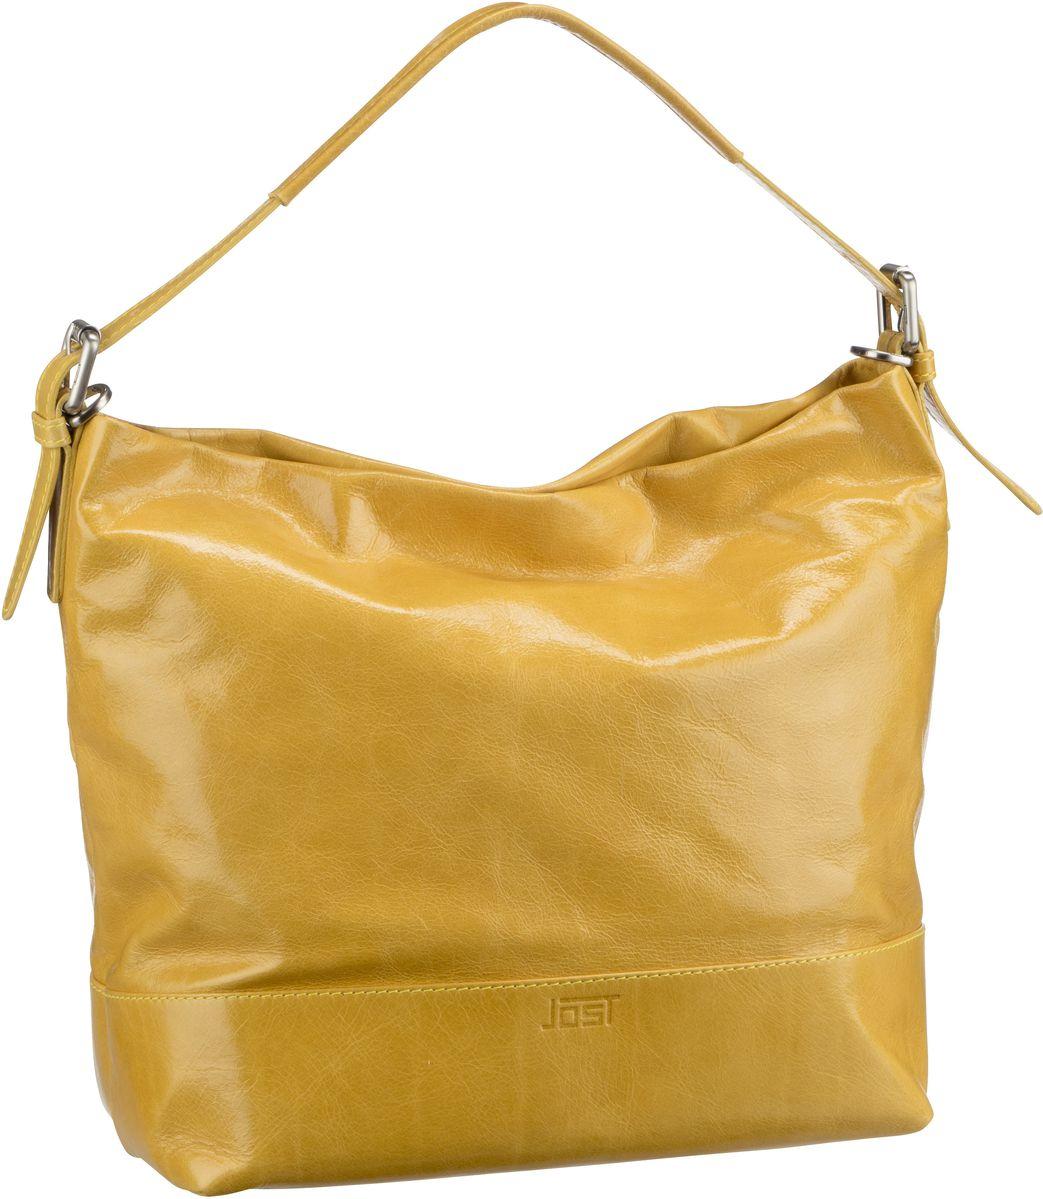 Handtasche Boda 6626 Hobo Bag Gelb